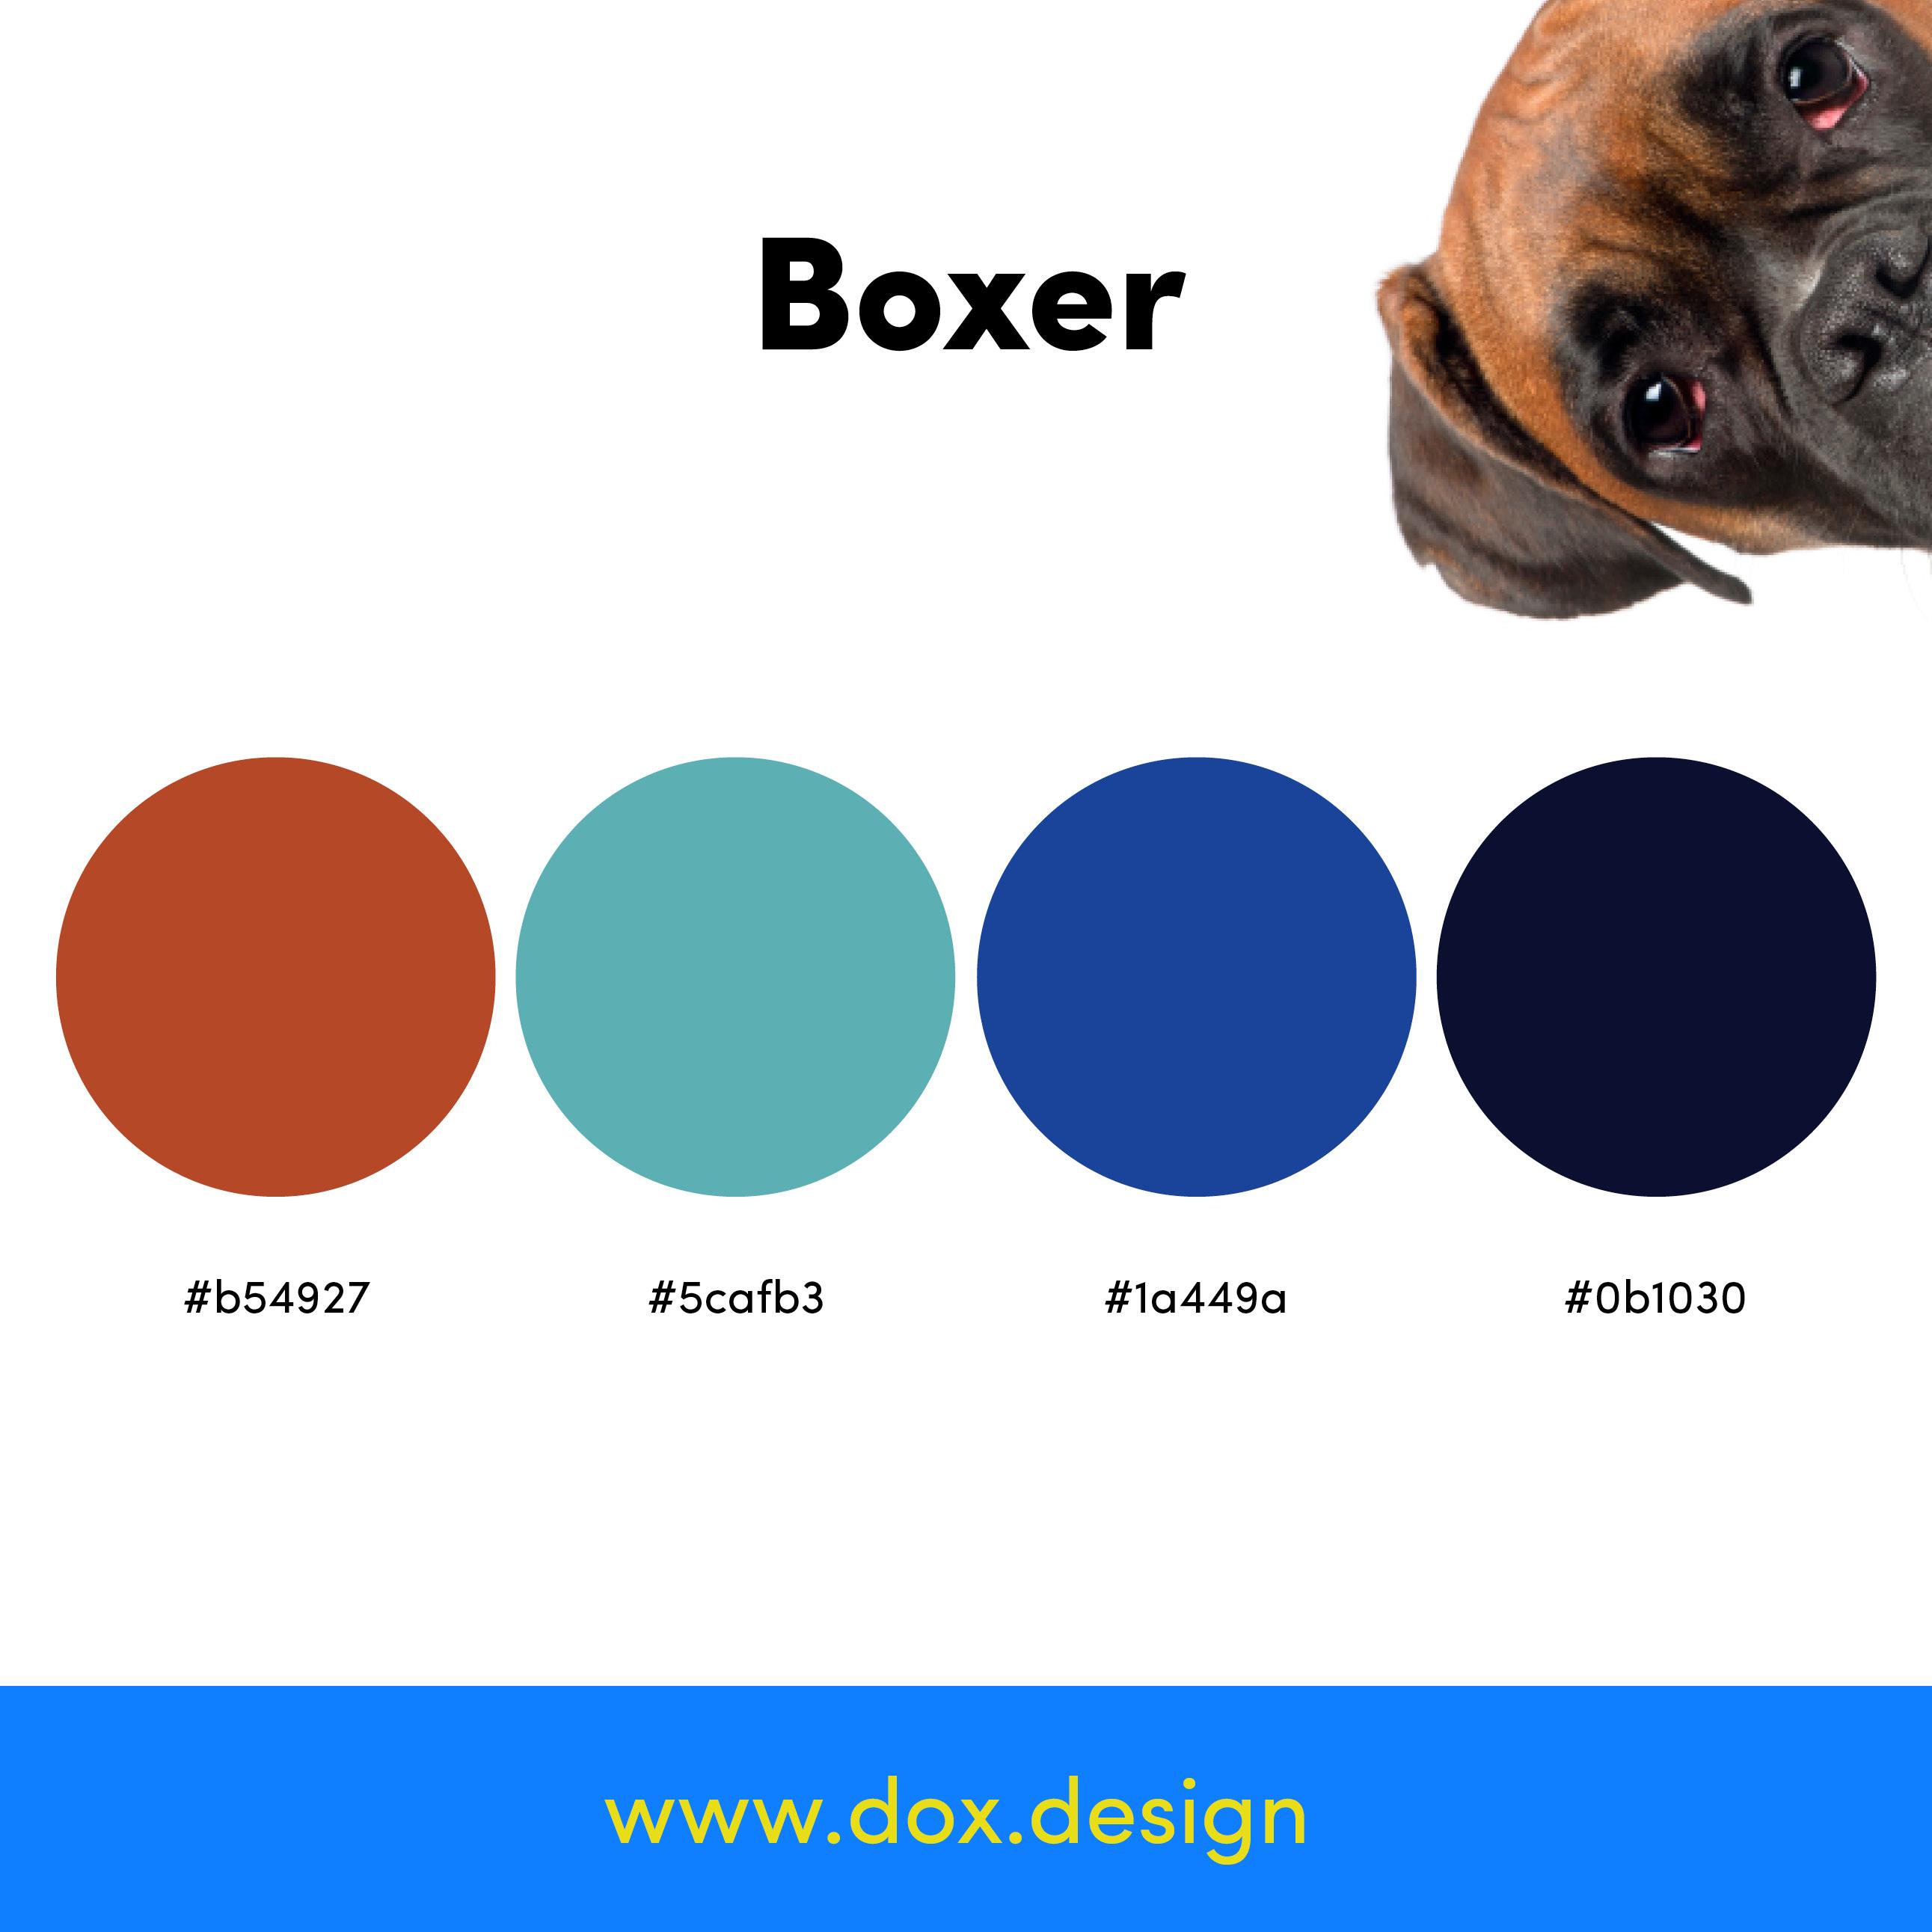 Boxer color palette